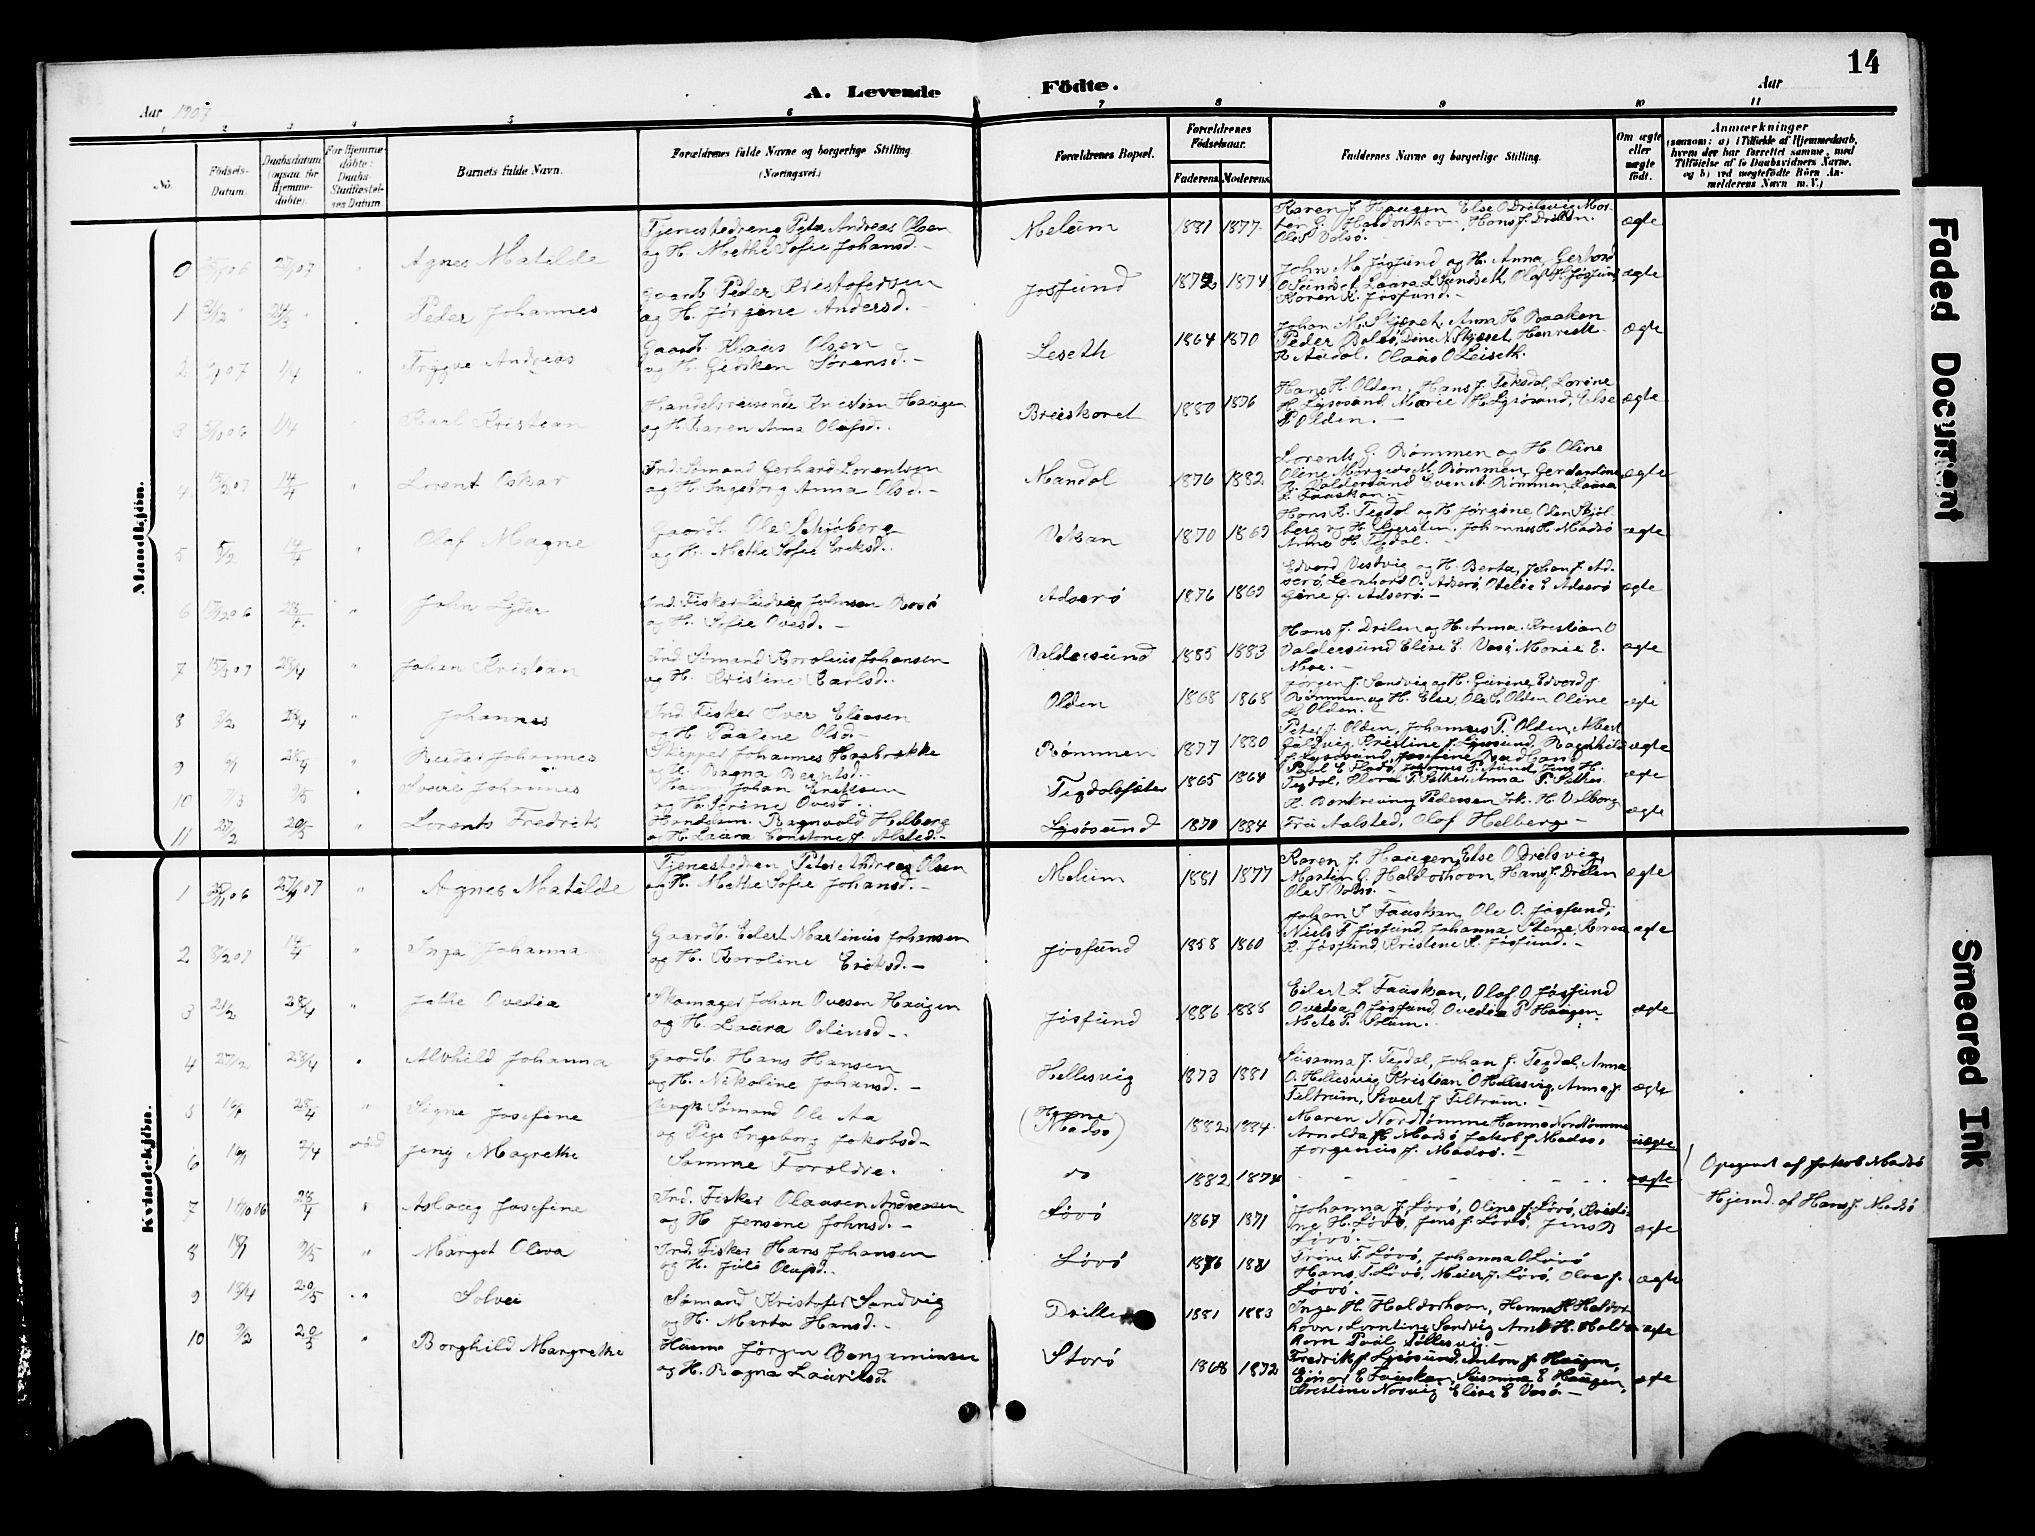 SAT, Ministerialprotokoller, klokkerbøker og fødselsregistre - Sør-Trøndelag, 654/L0666: Klokkerbok nr. 654C02, 1901-1925, s. 14